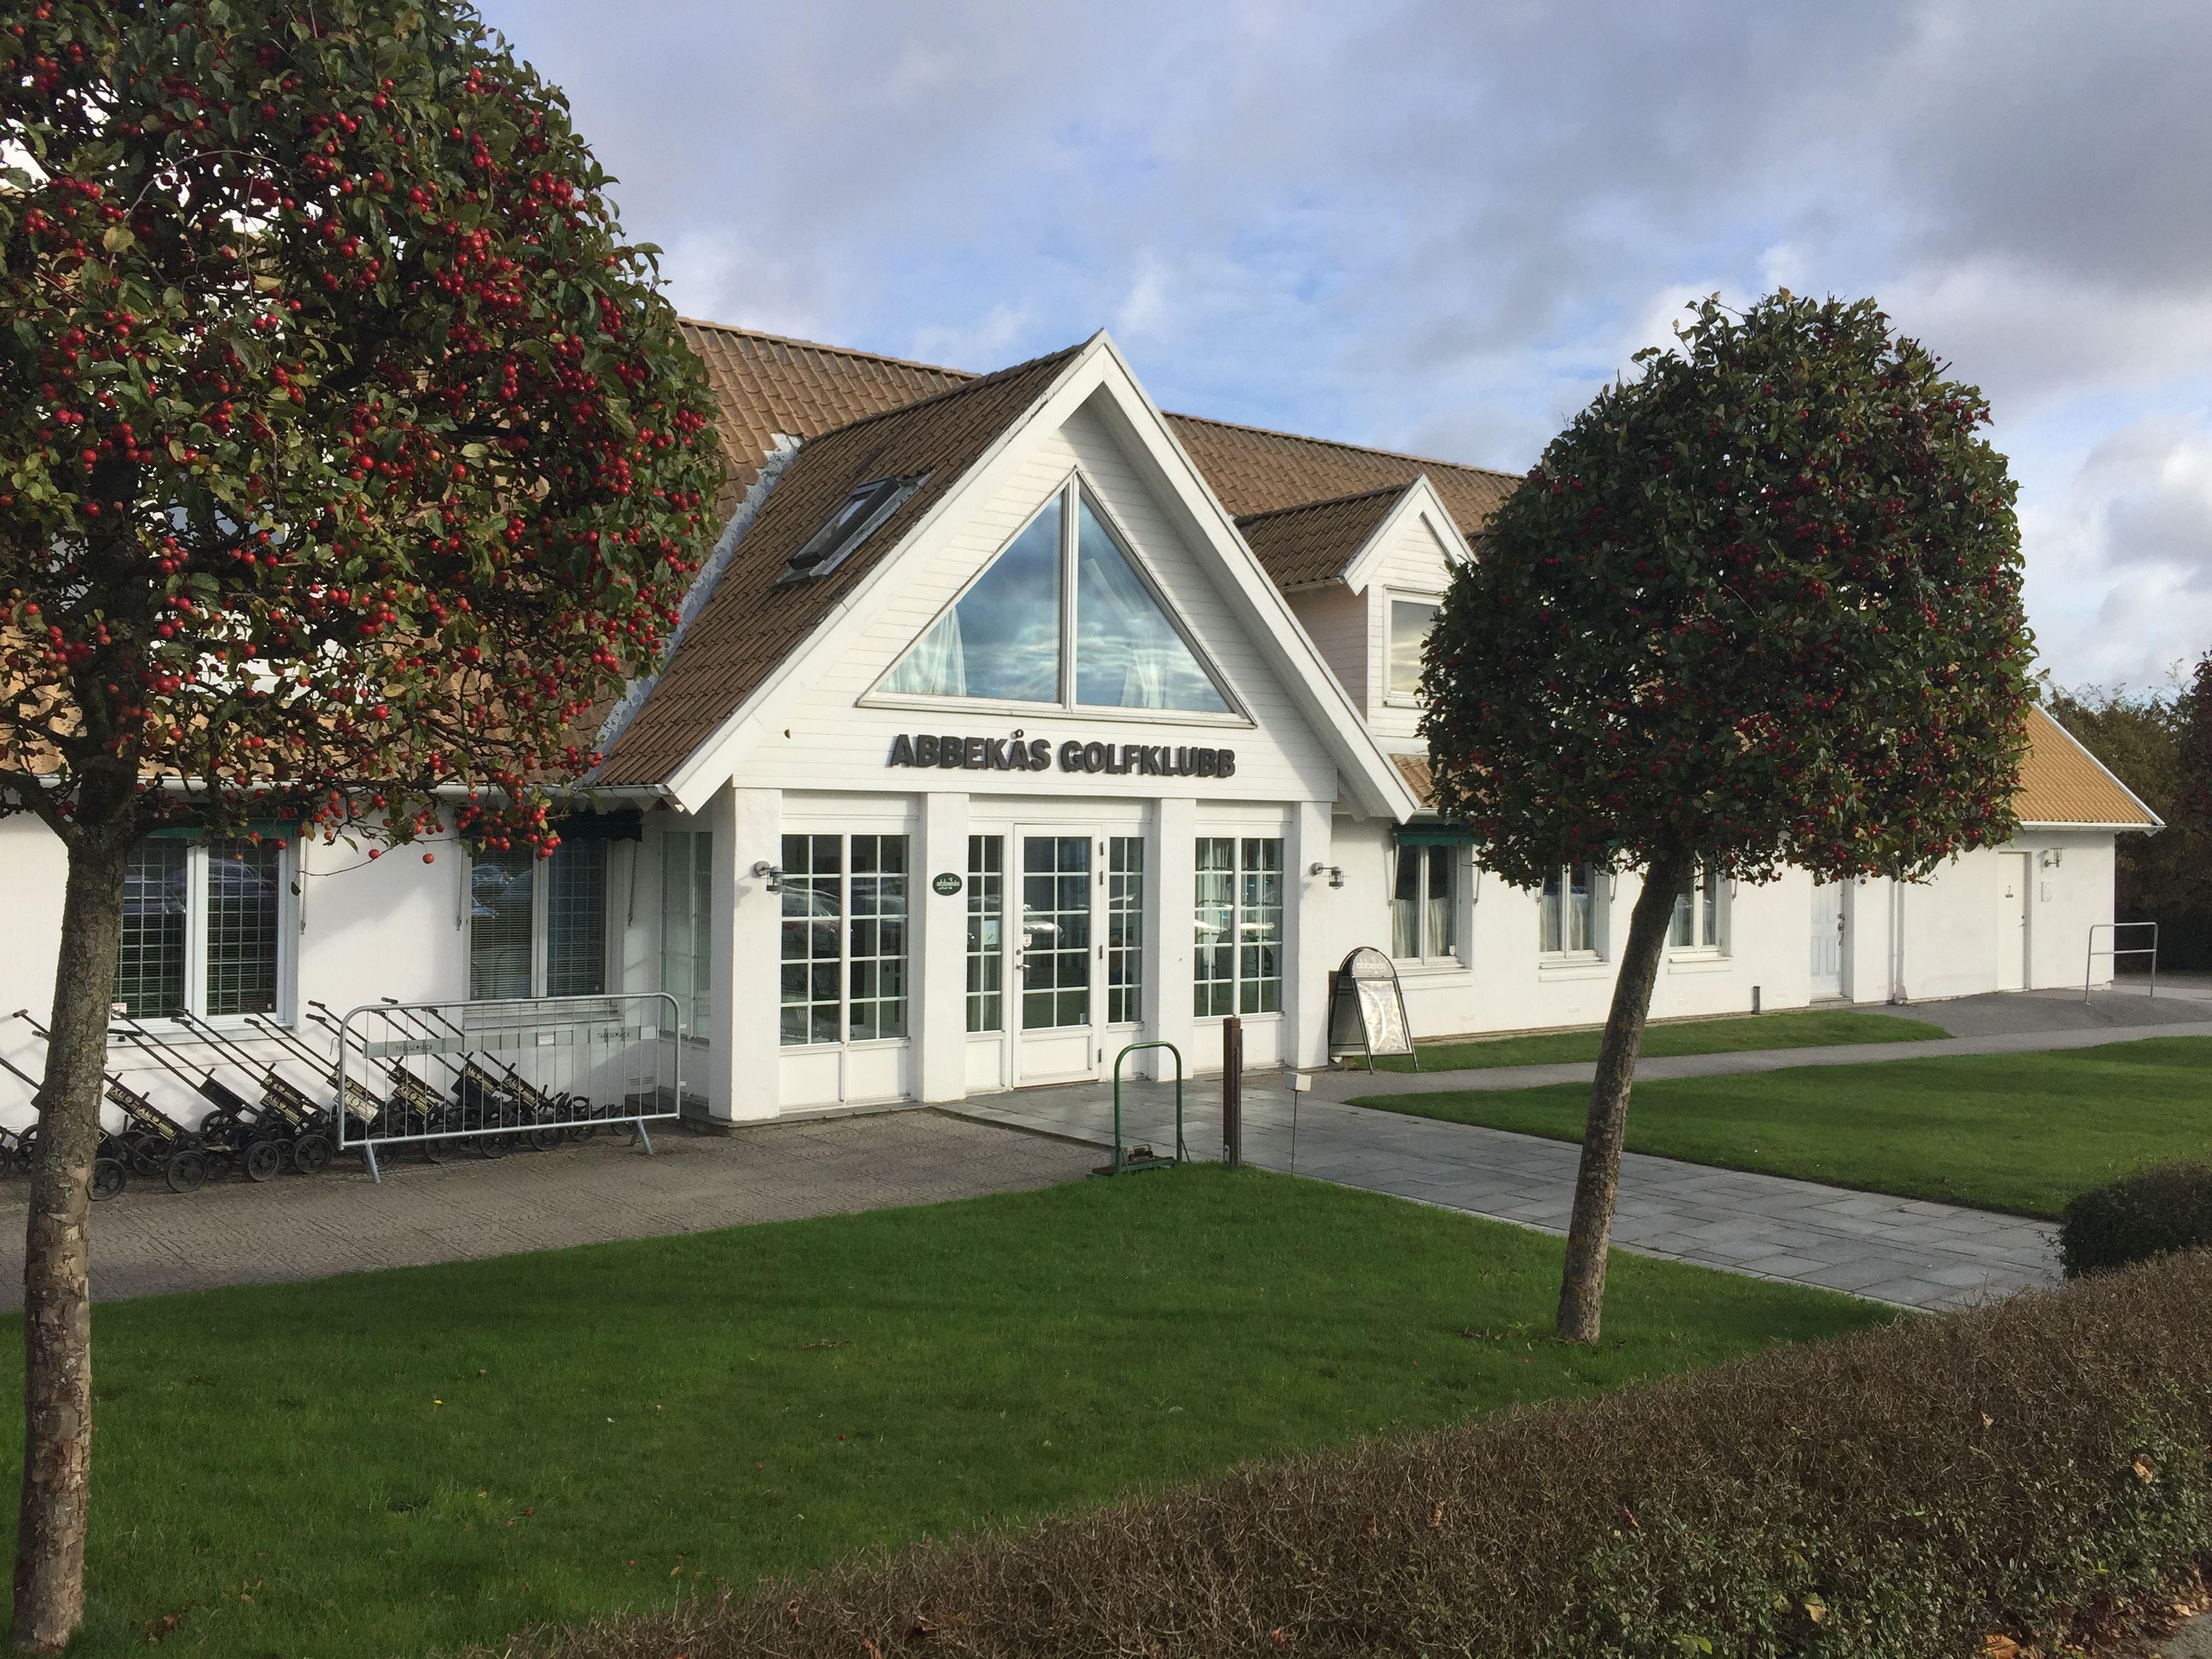 Skurups kommun, Abbekås Golfrestaurang & Hotell